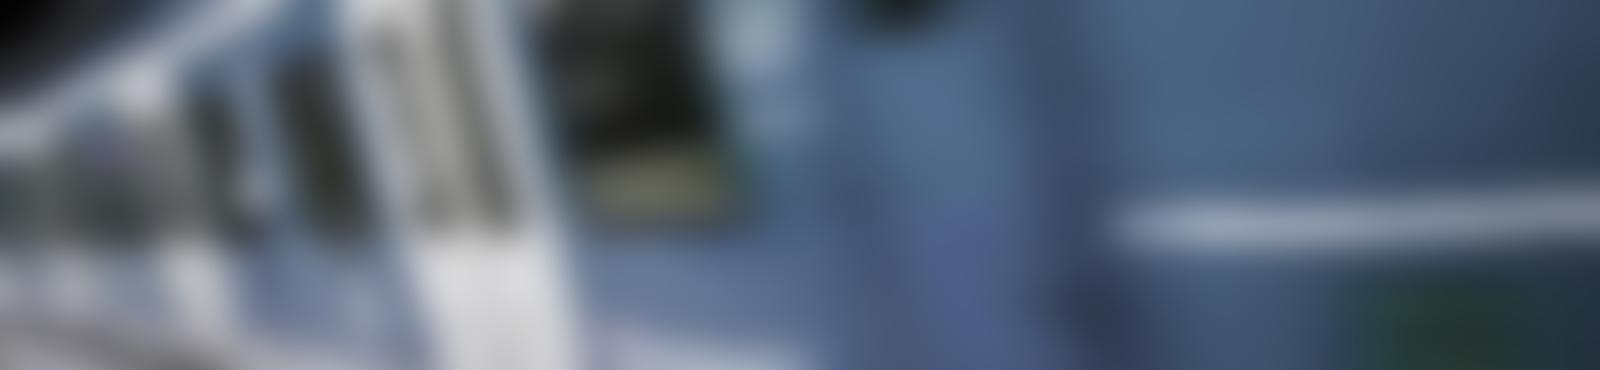 Blurred 2db75984 0b39 48d2 a82f cd4782b60585